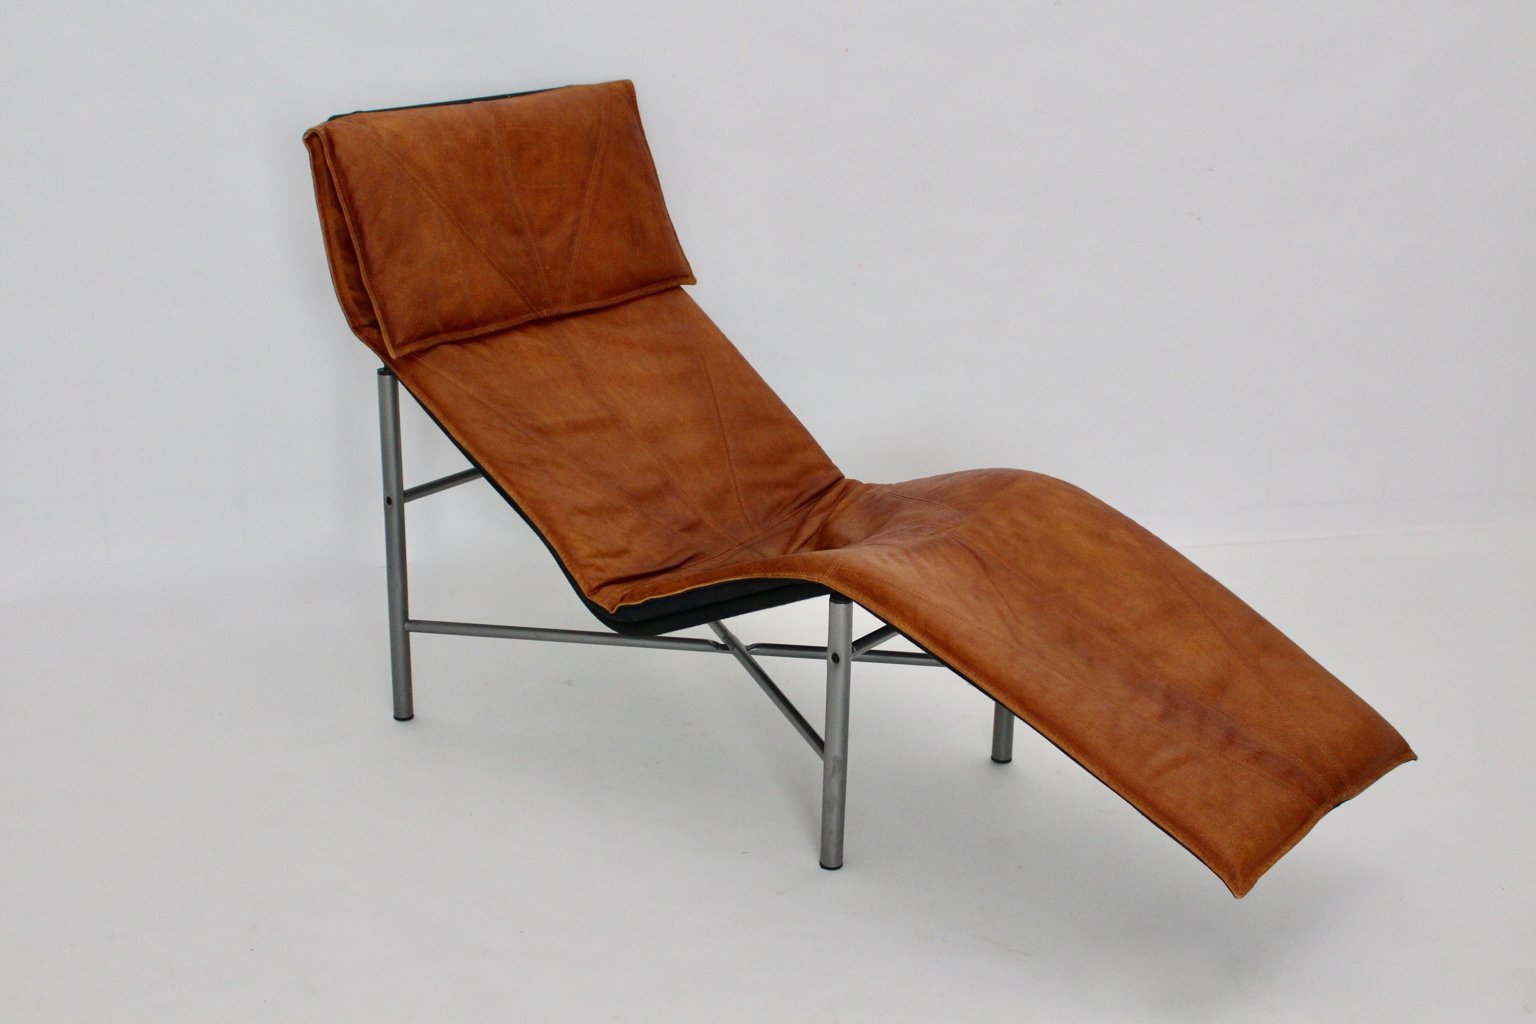 chaise longue en cuir cognac par tord bjorklund su de 1970s en vente sur pamono. Black Bedroom Furniture Sets. Home Design Ideas